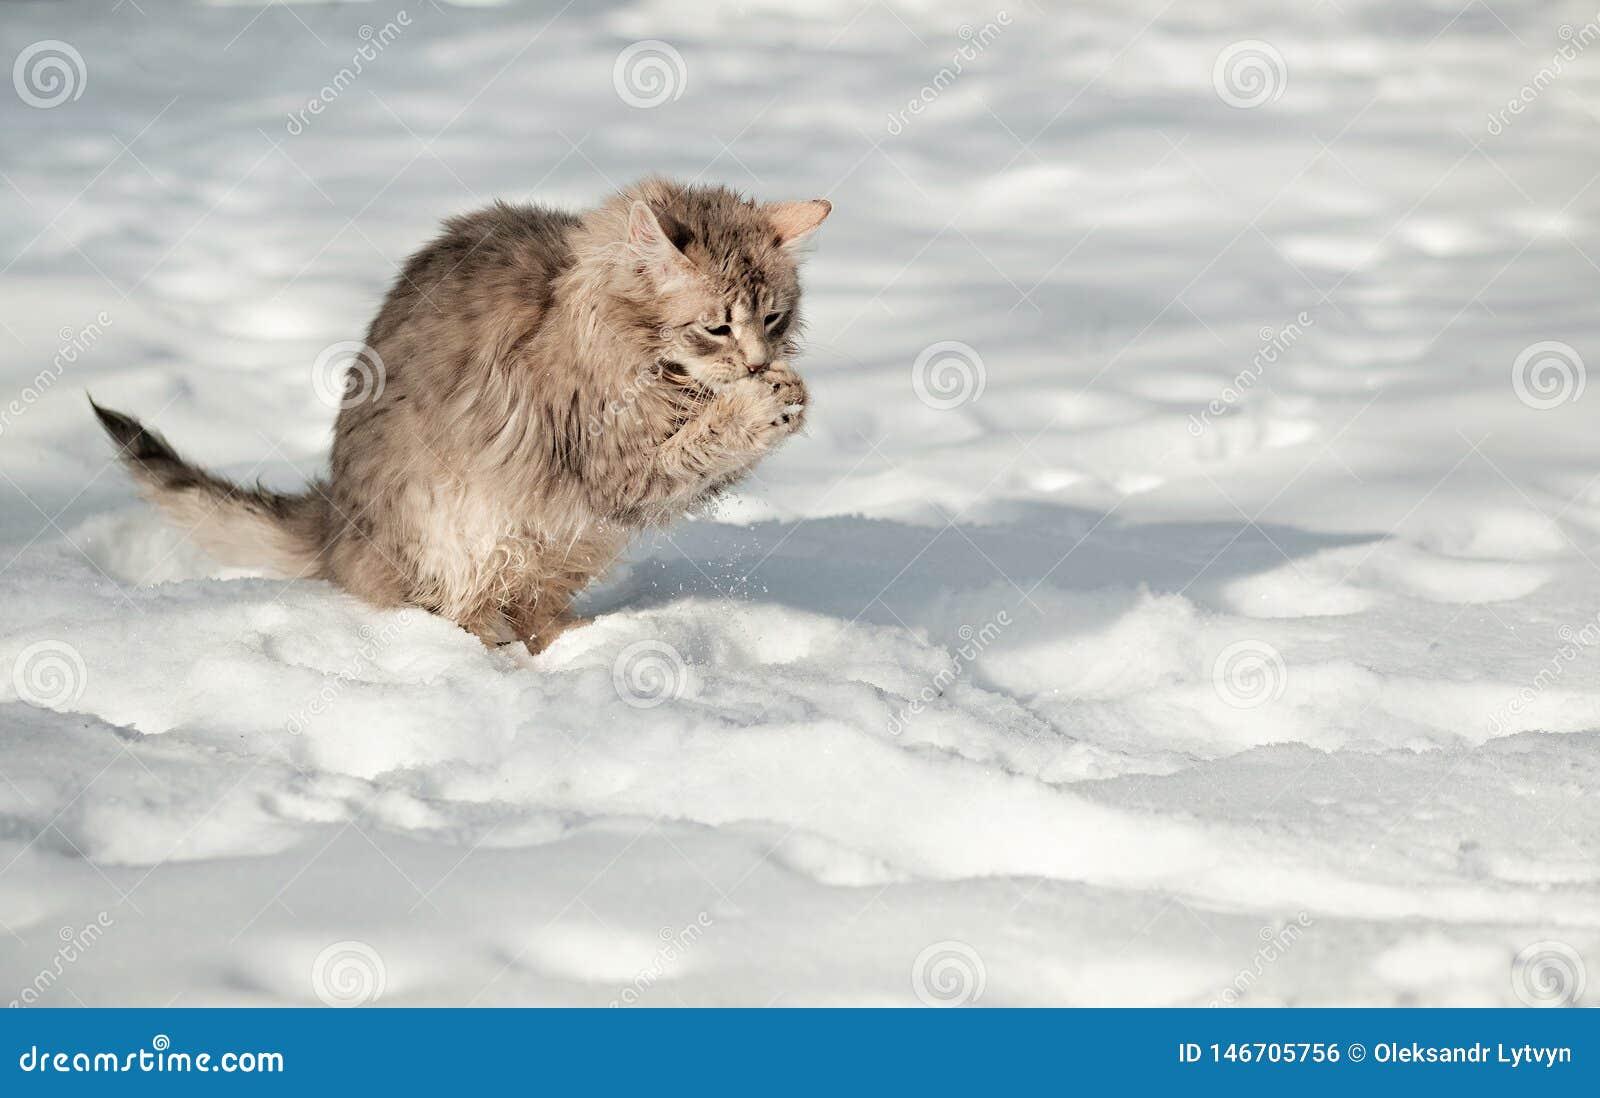 El gato gris mullido joven come nieve